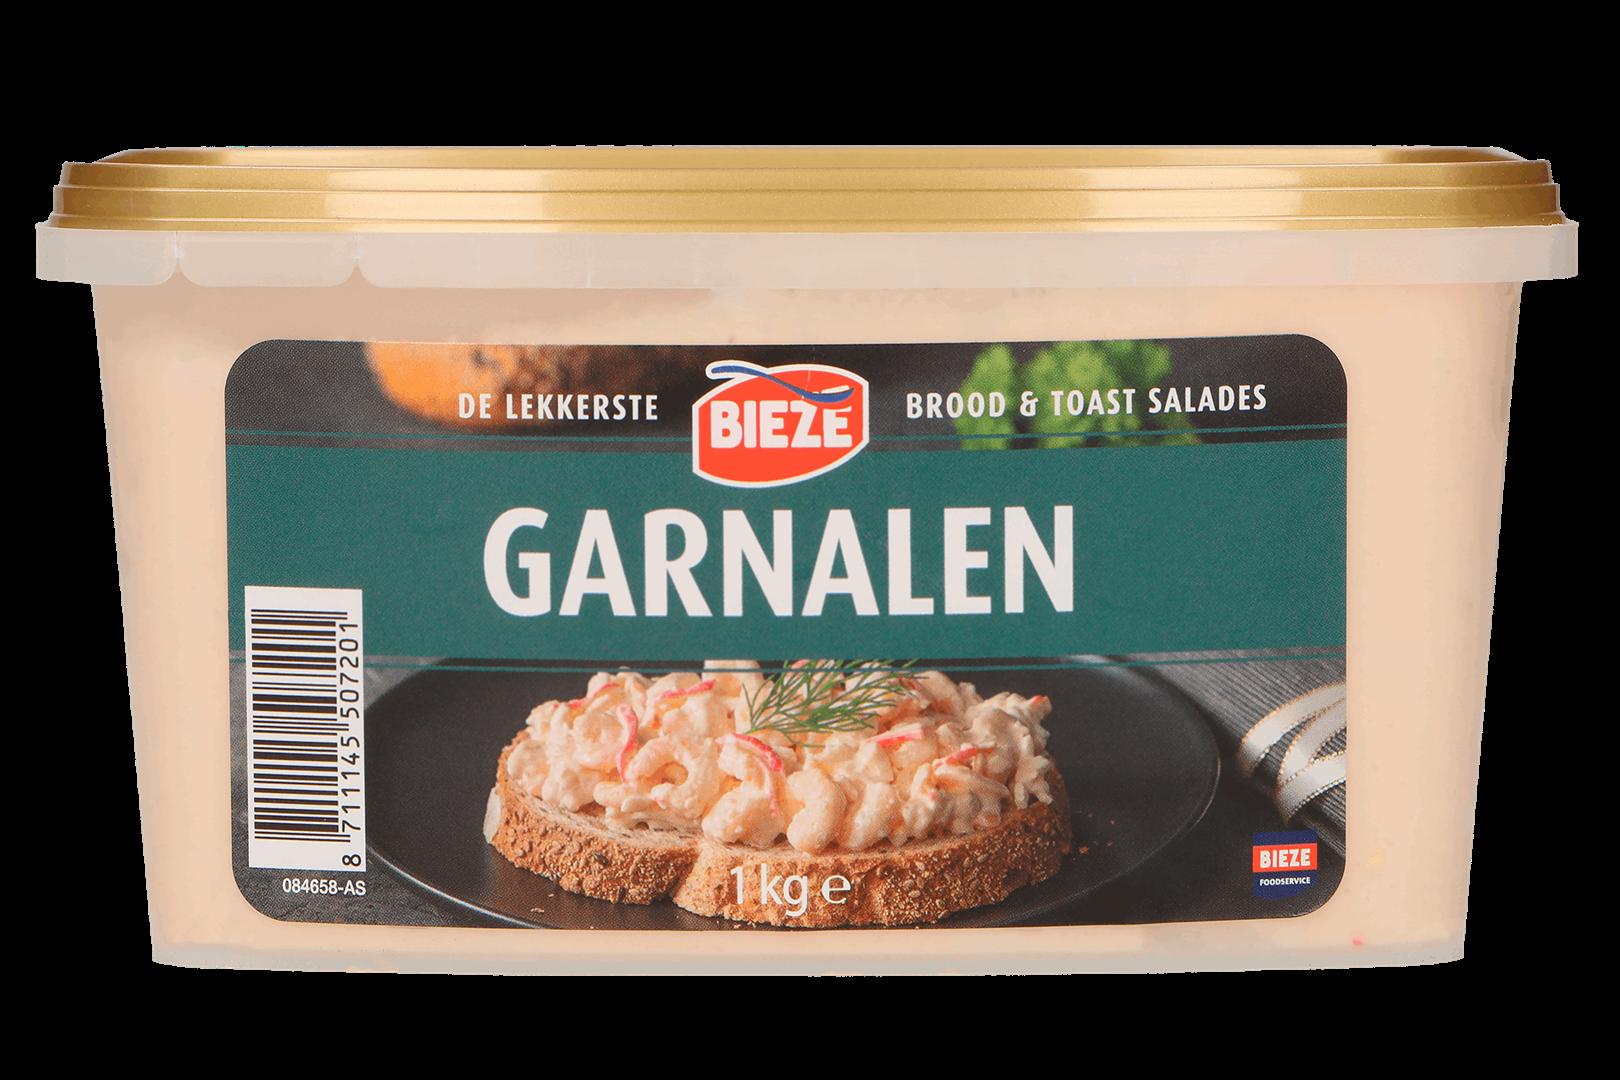 Productafbeelding Garnalen salade 1kg